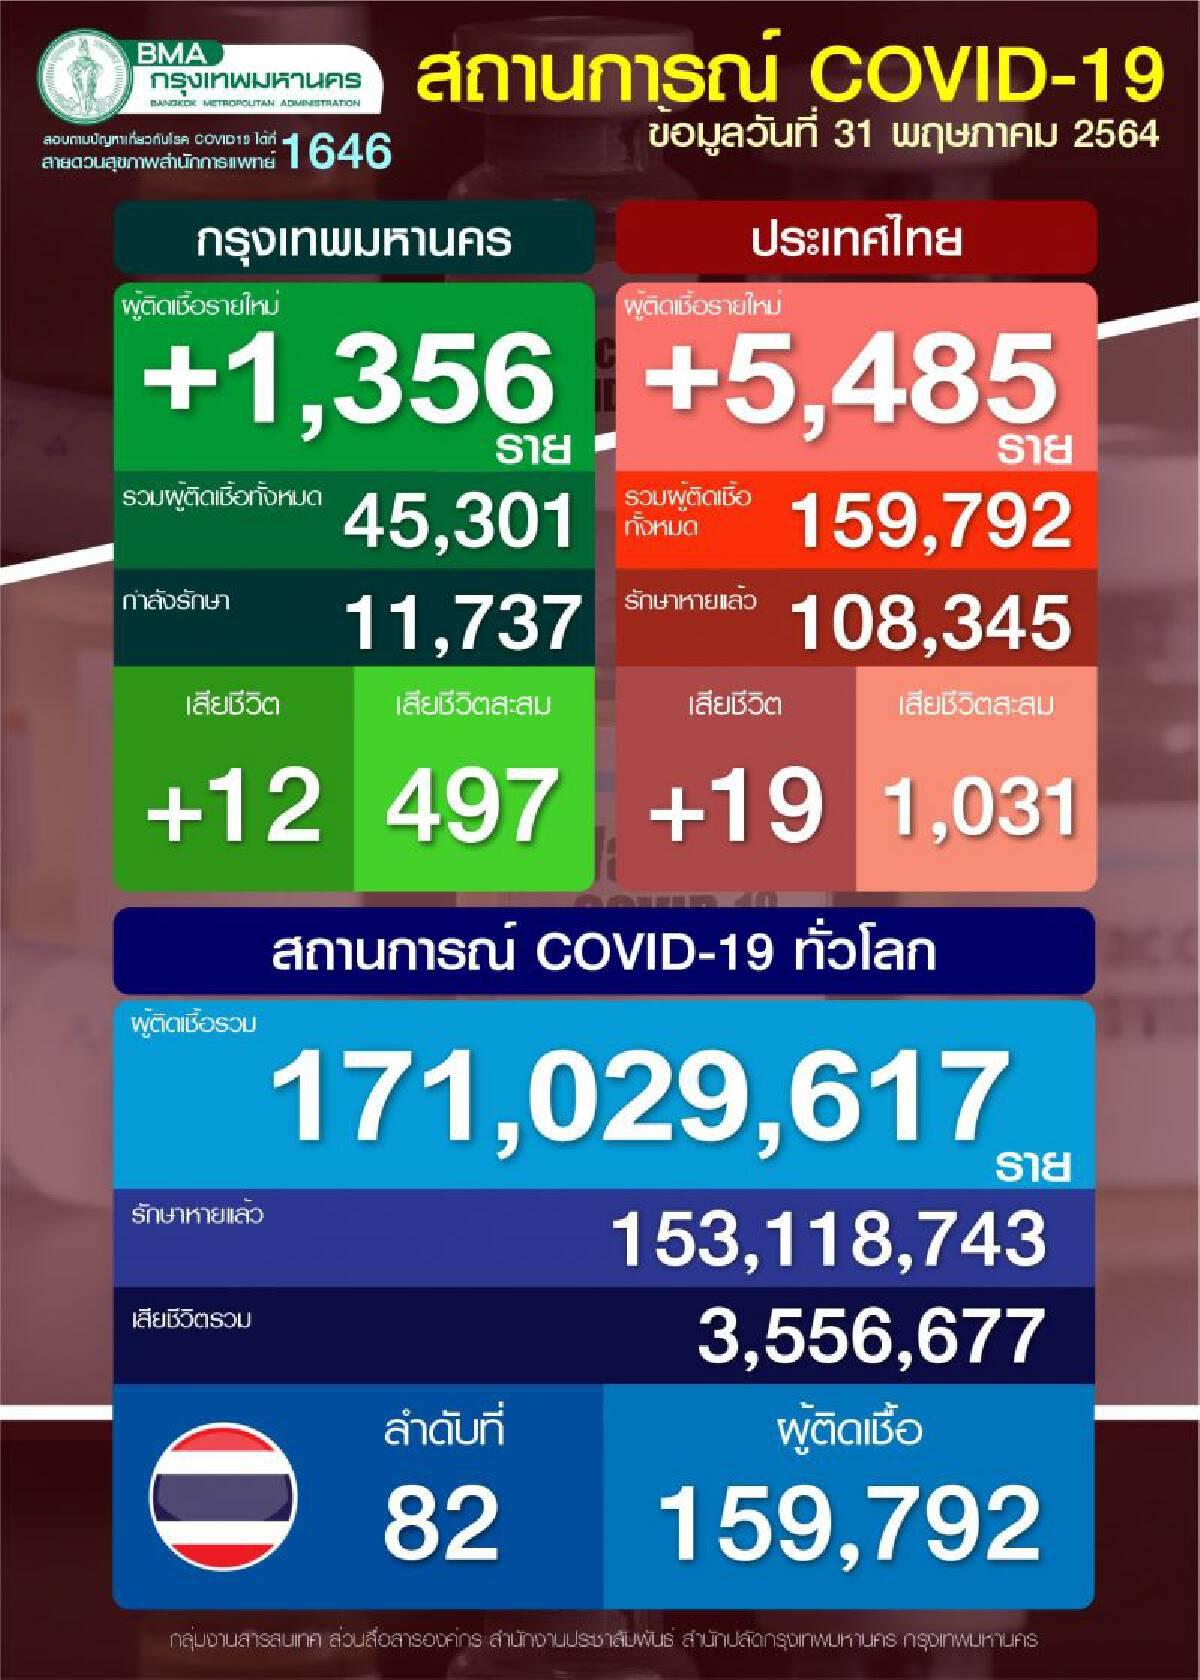 ผู้ติดเชื้อโควิด-19 ในกรุงเทพมหานคร